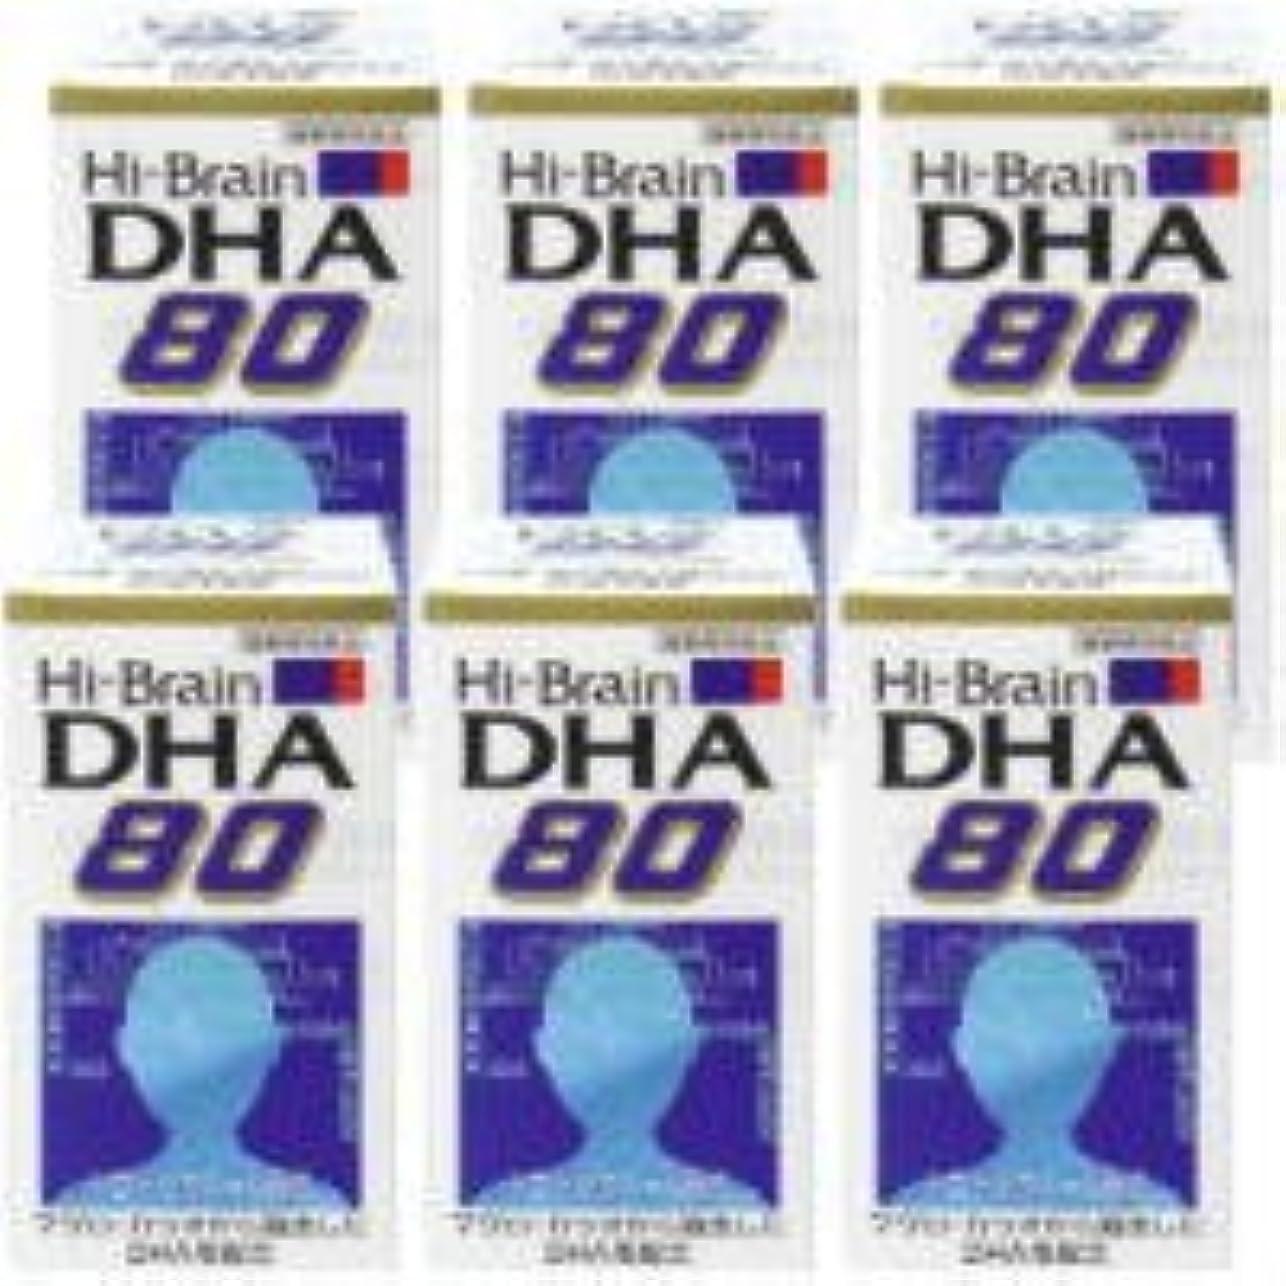 シード忍耐月ハイブレーンDHA80 6個